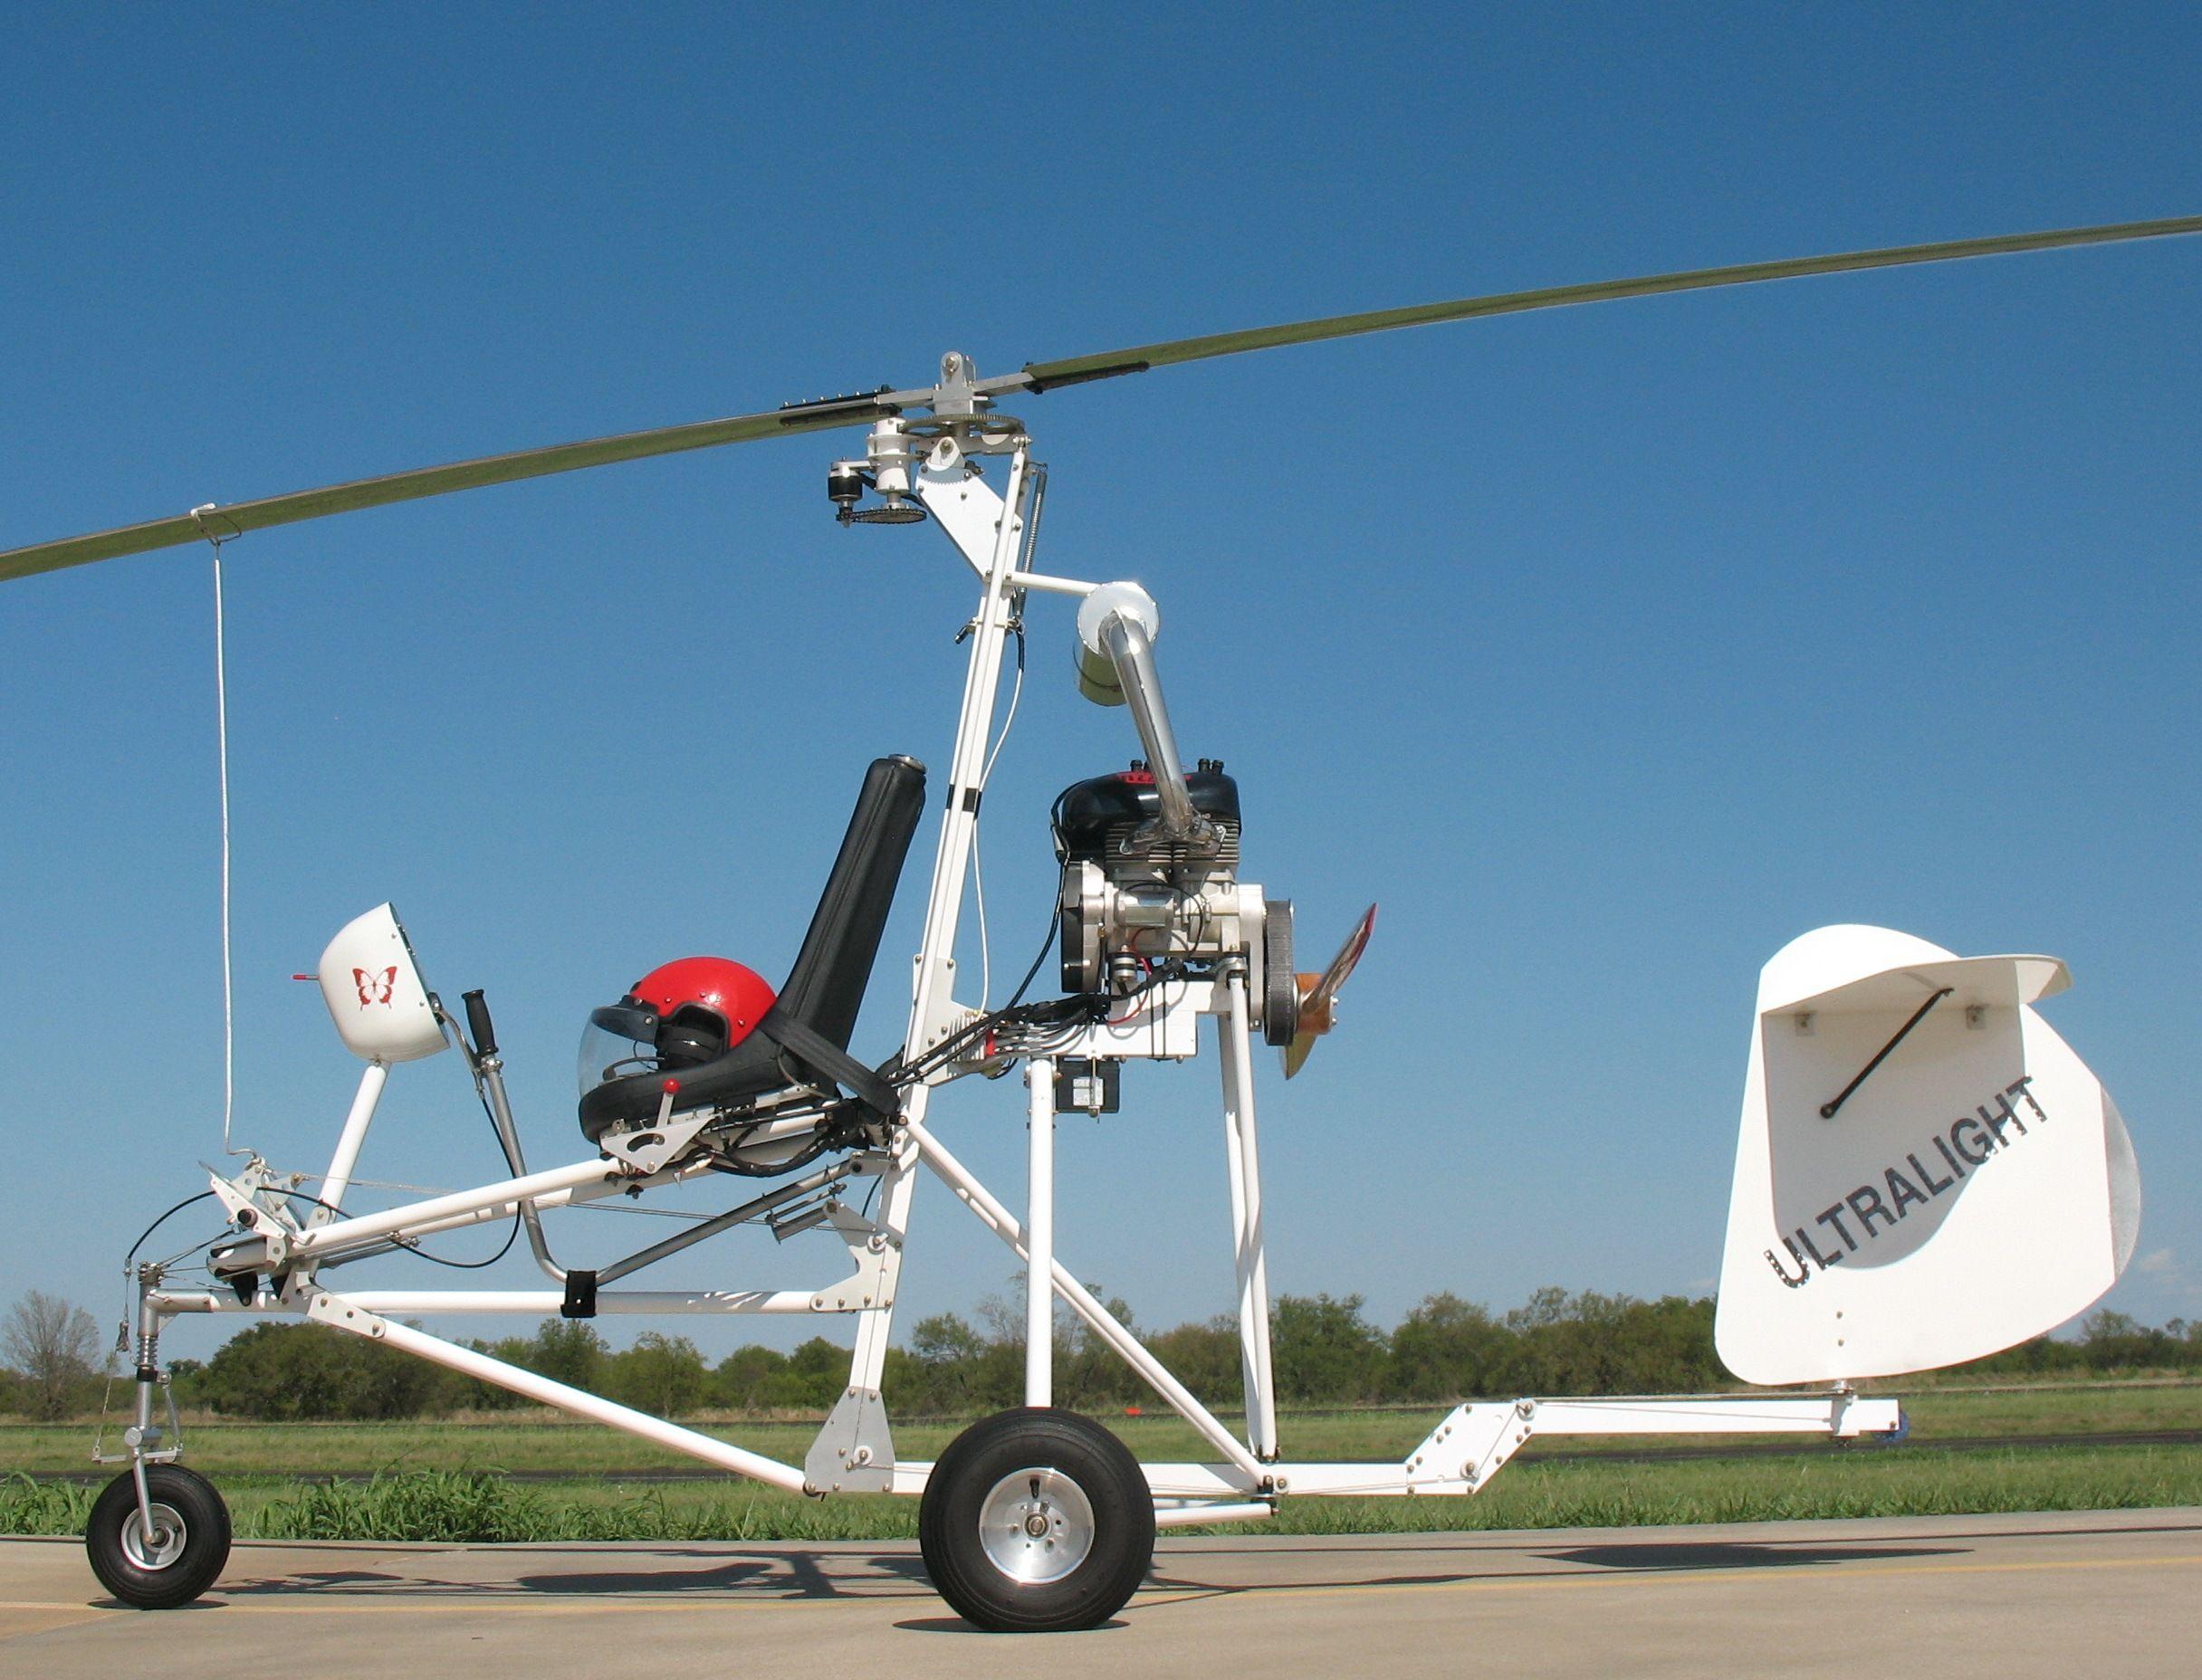 the MZ202 ultralight kit, Butterfly Aircraft, USA Weight